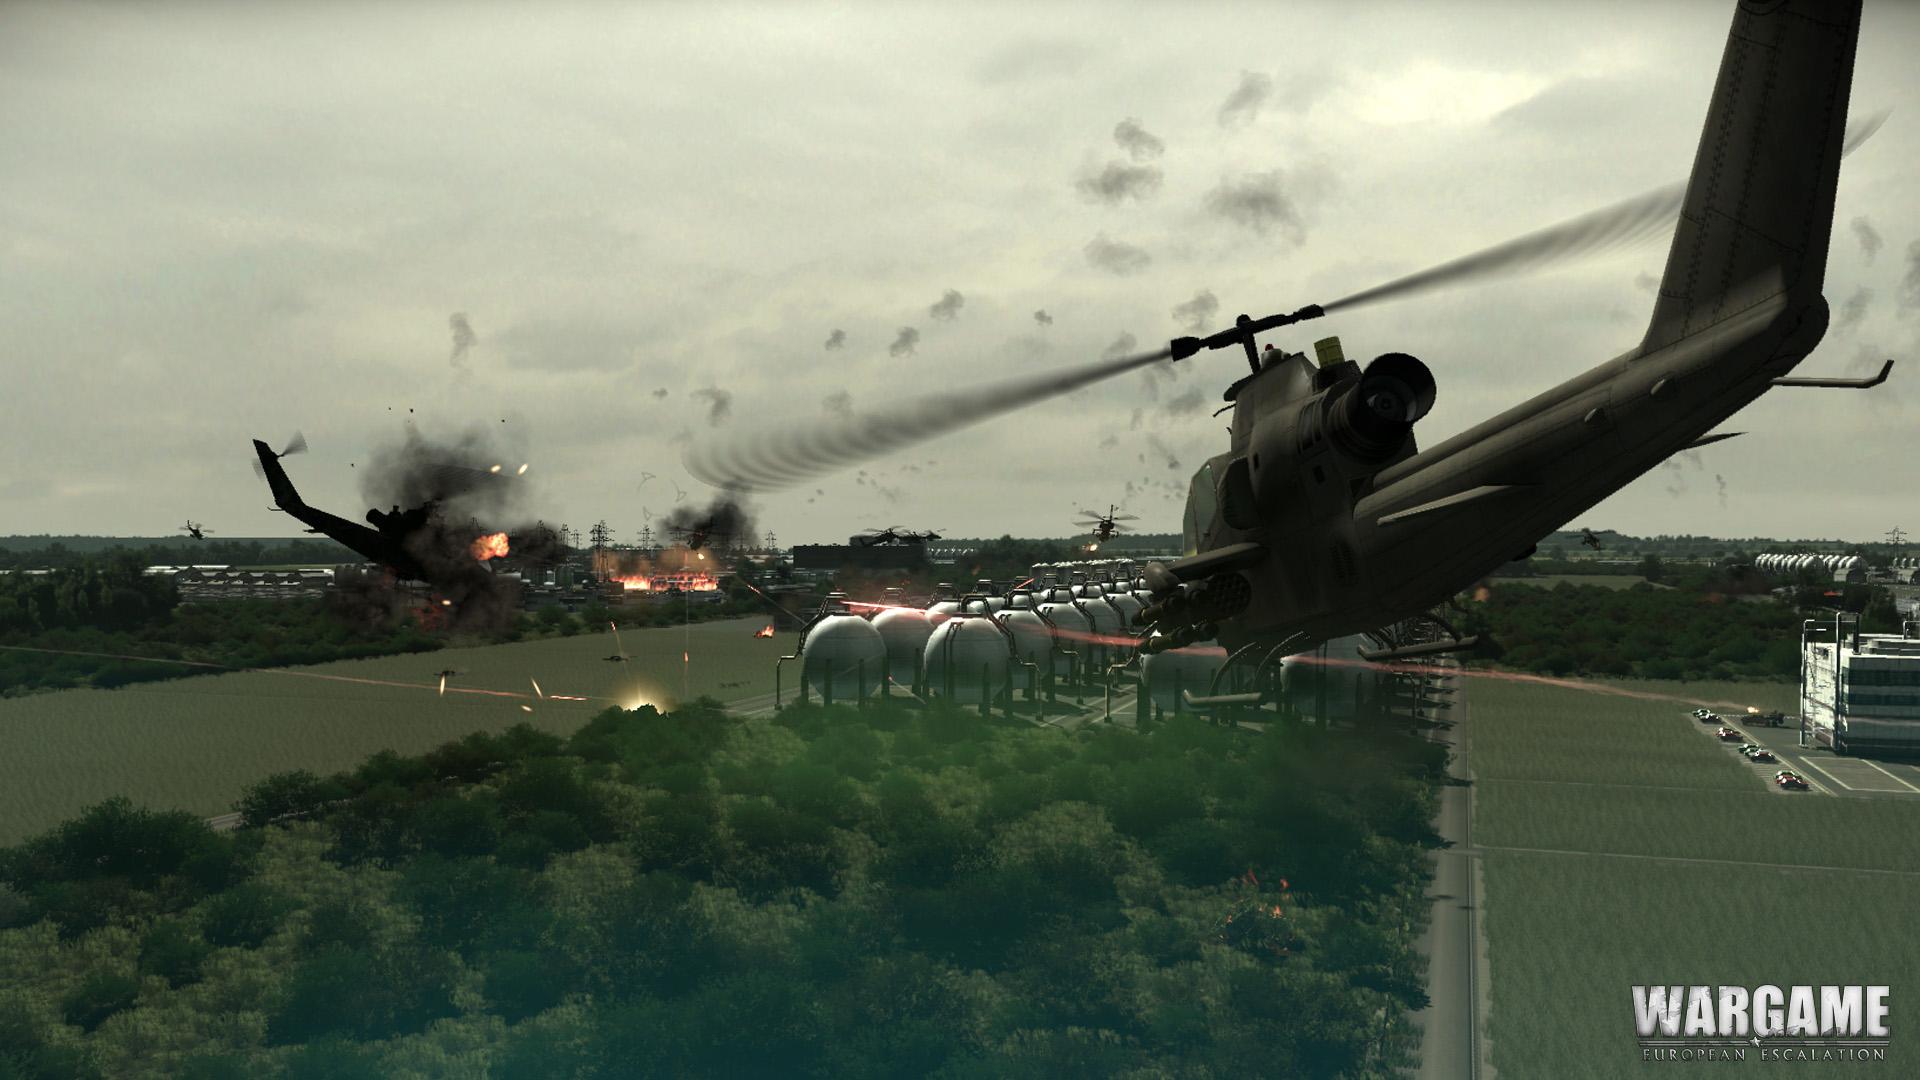 Československé jednotky se připravují na válku ve Wargame 60412